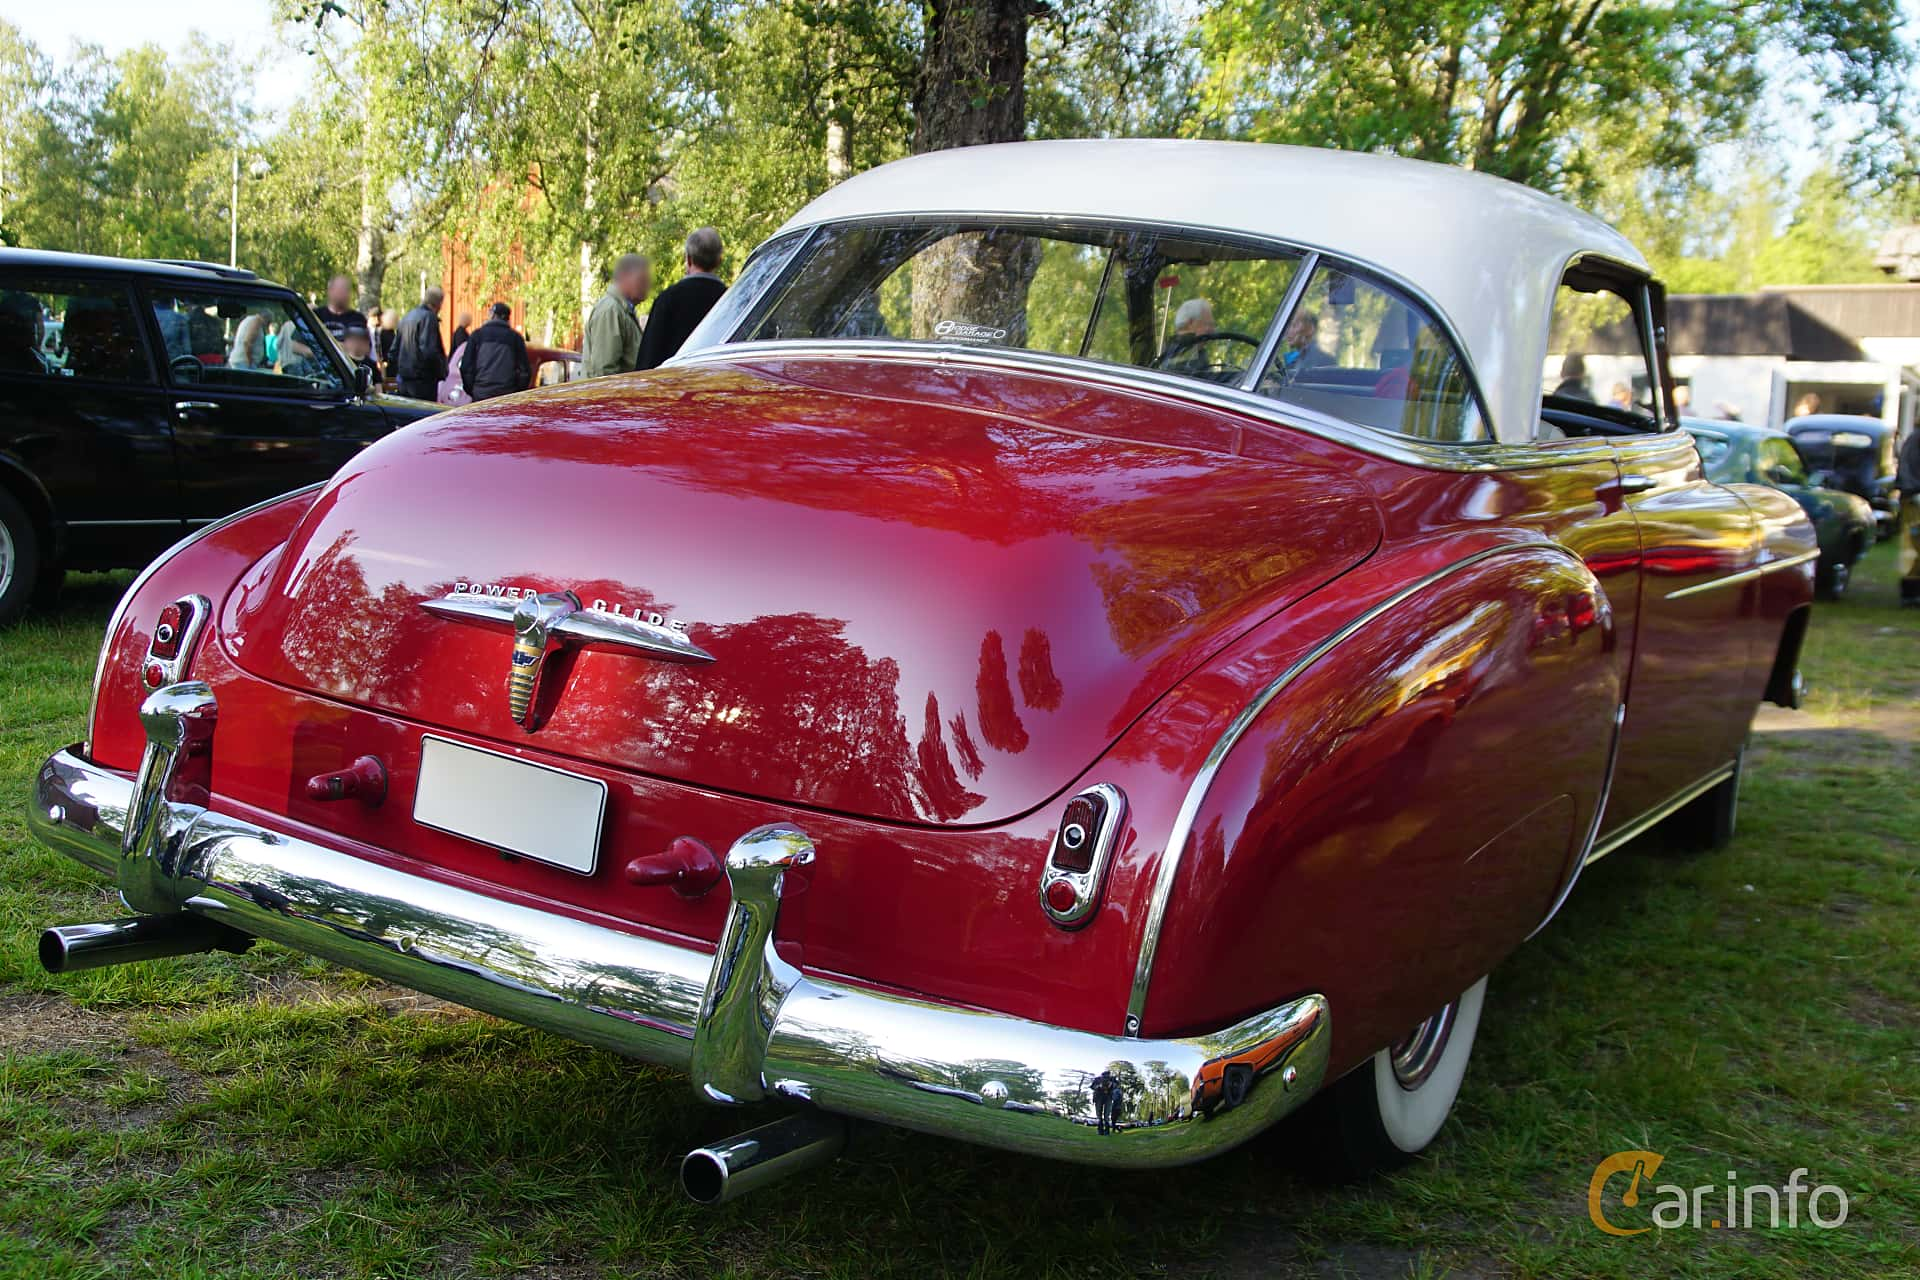 Chevrolet Styleline Deluxe Bel Air Coupé 3.9 Powerglide, 106hp, 1950 at Onsdagsträffar på Gammlia Umeå 2019 vecka 28